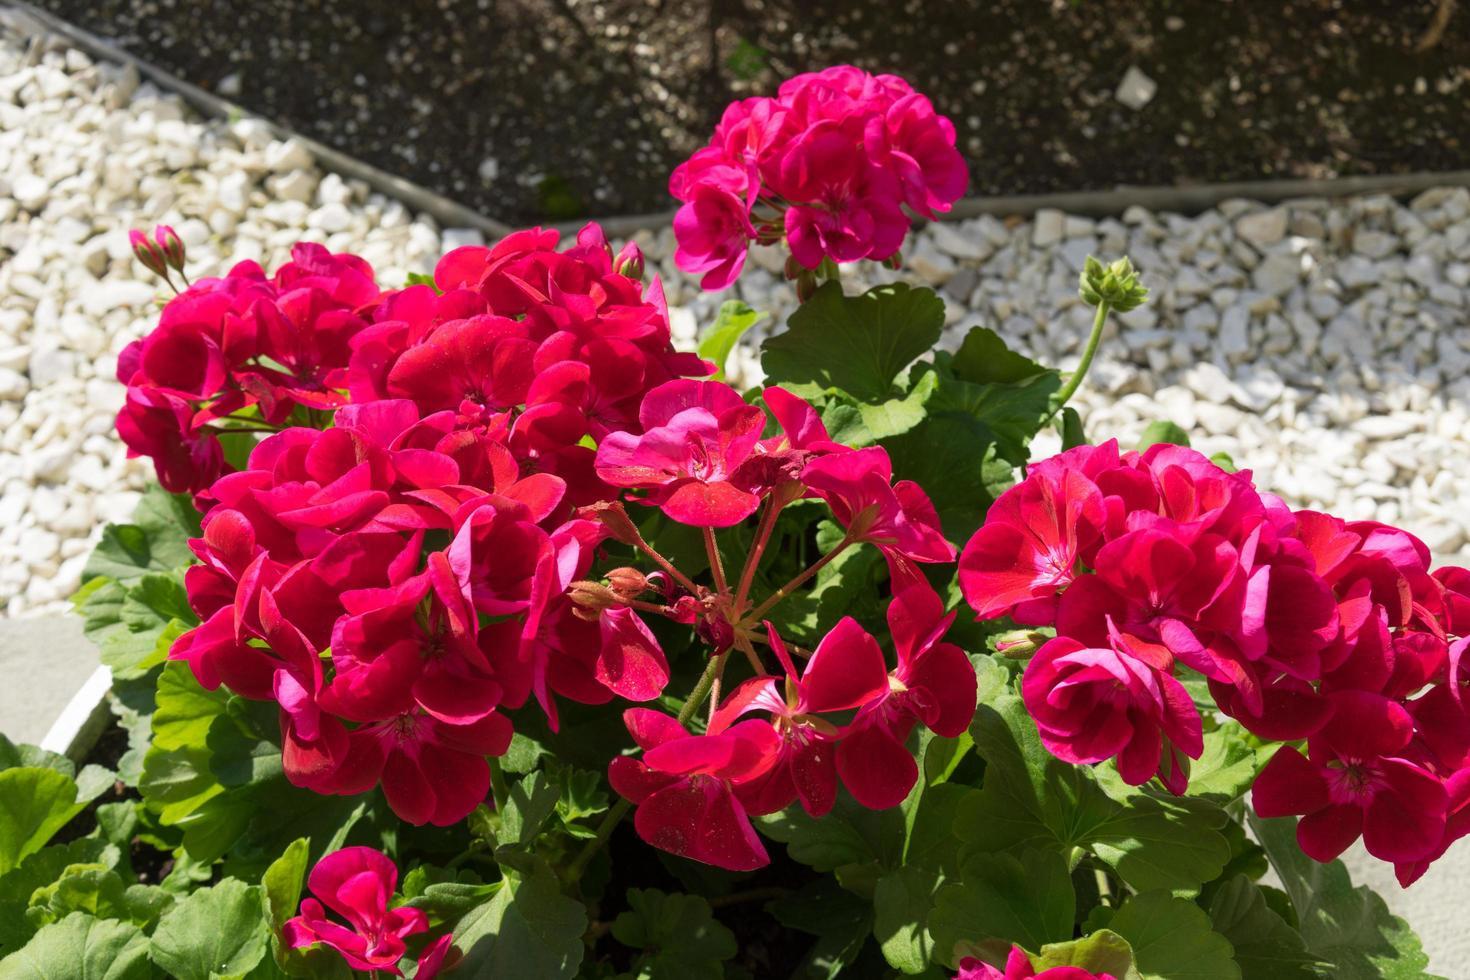 blommor ljusrosa pelargon med gröna blad. foto